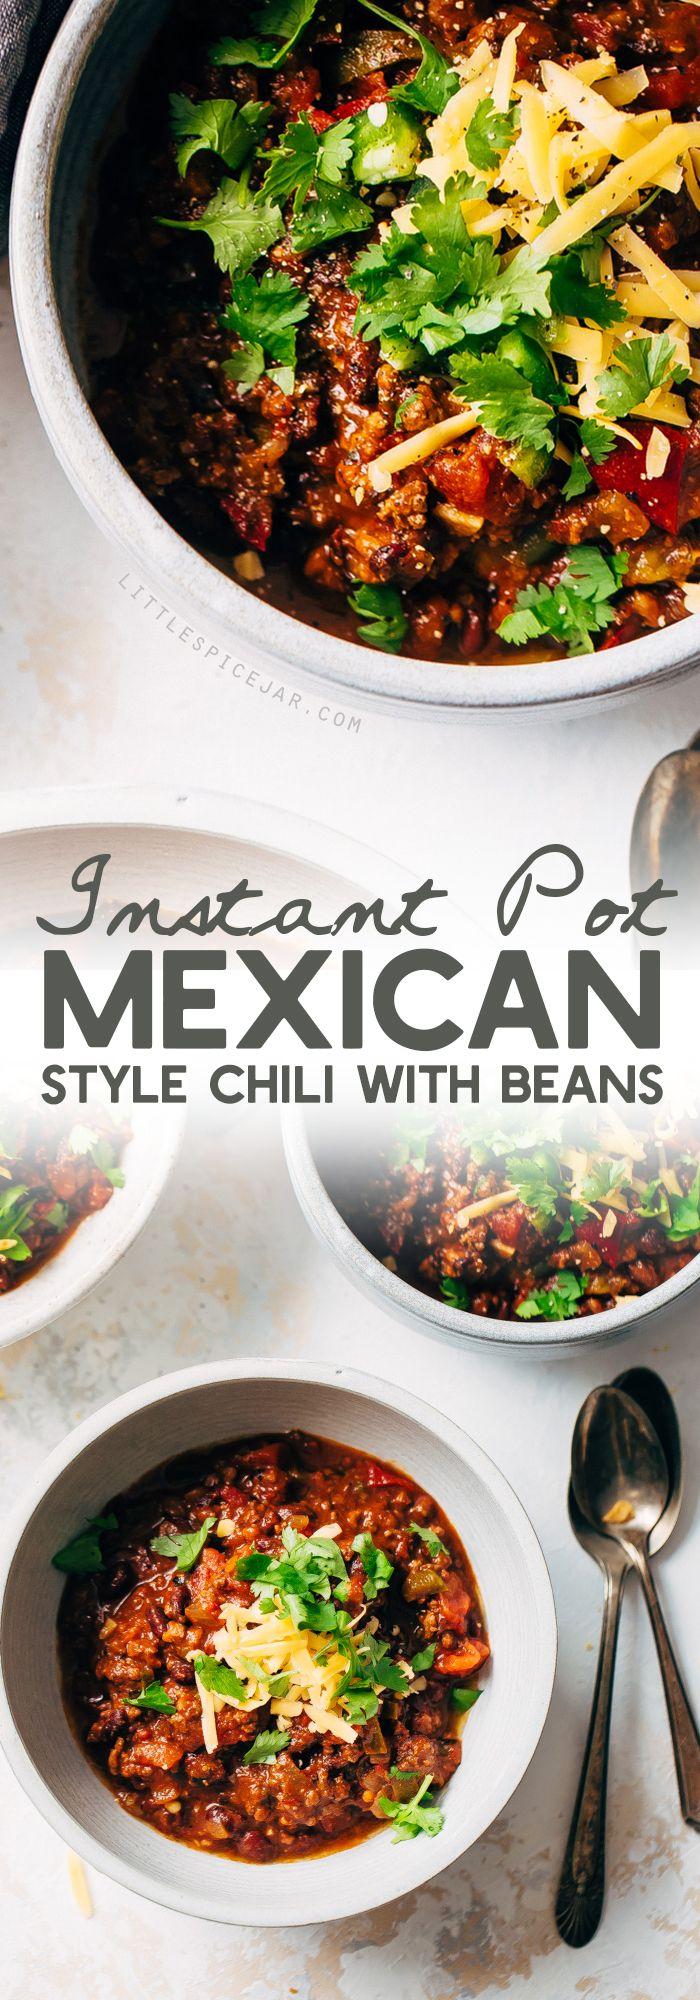 Spicy Instant Pot Receta de chile mexicano con frijoles negros: un chile casero que sabe lento a fuego lento pero tarda 40 minutos en hacerse de principio a fin. #instantpot #instantpotchili #mexicanchili #chilirecipe | Littlespicejar.com